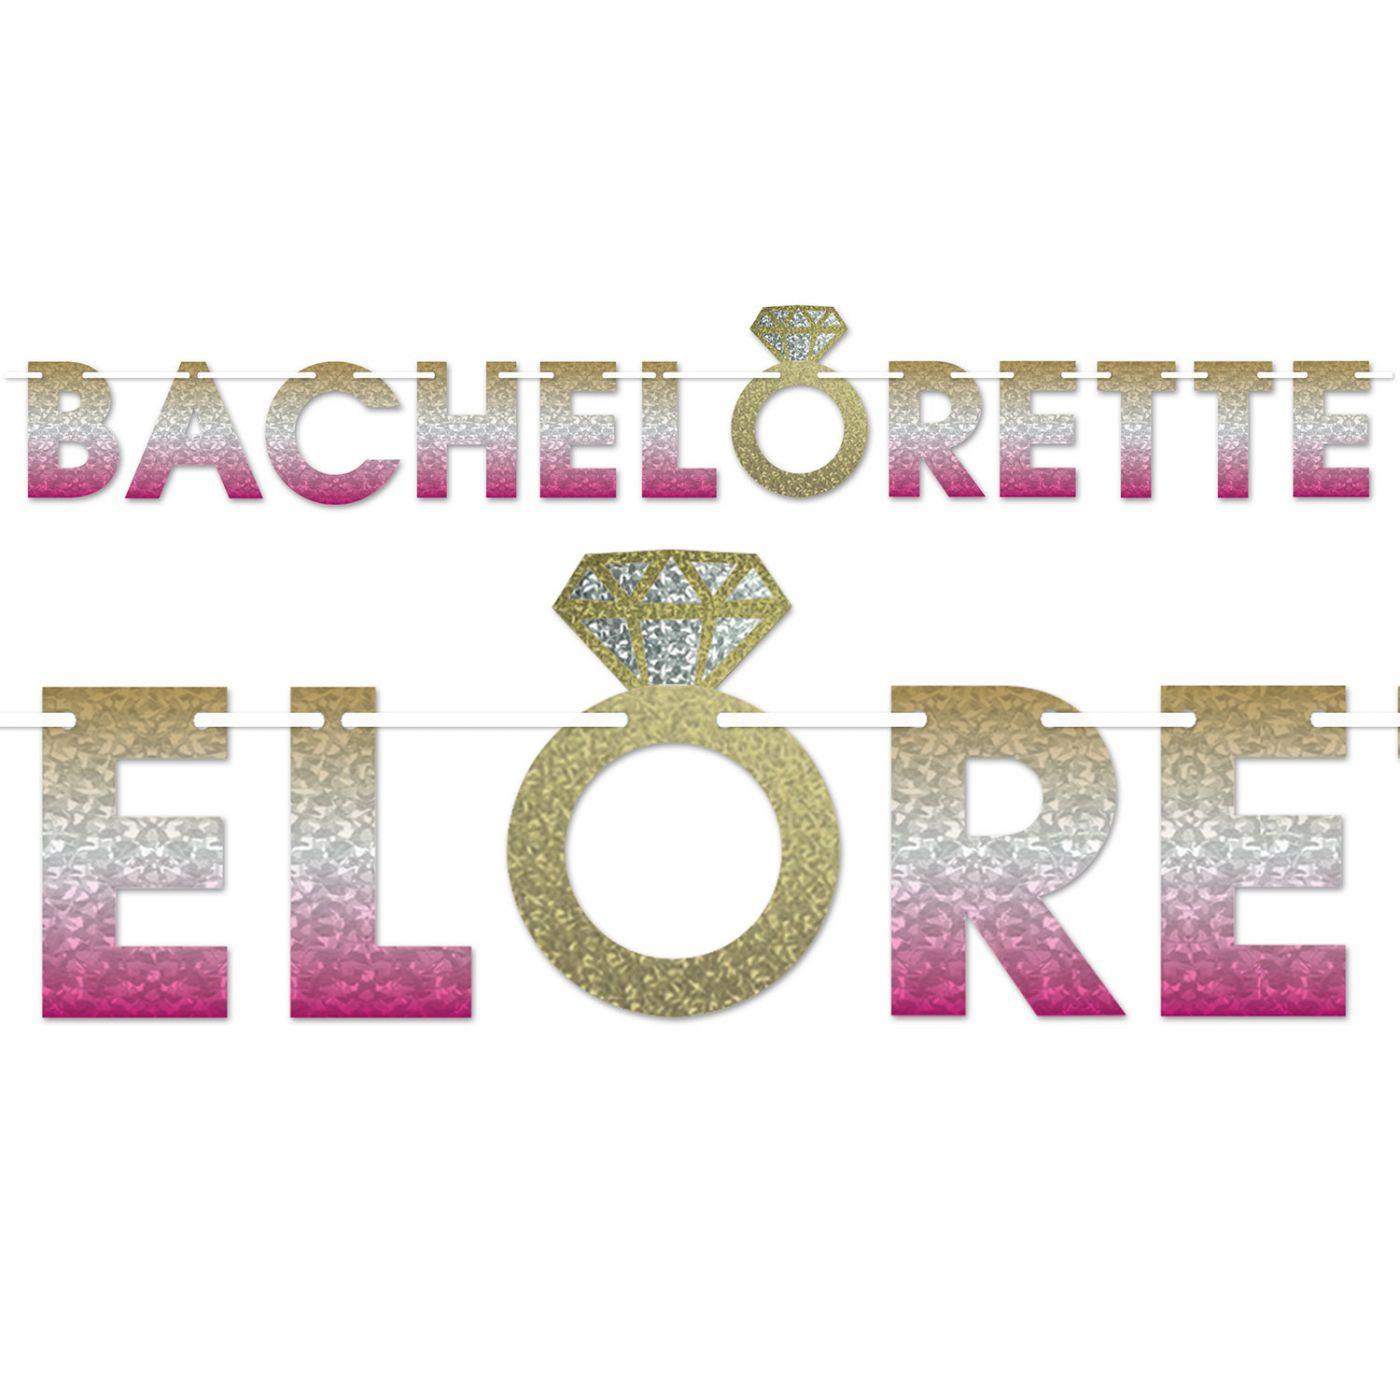 Image of Bachelorette Streamer